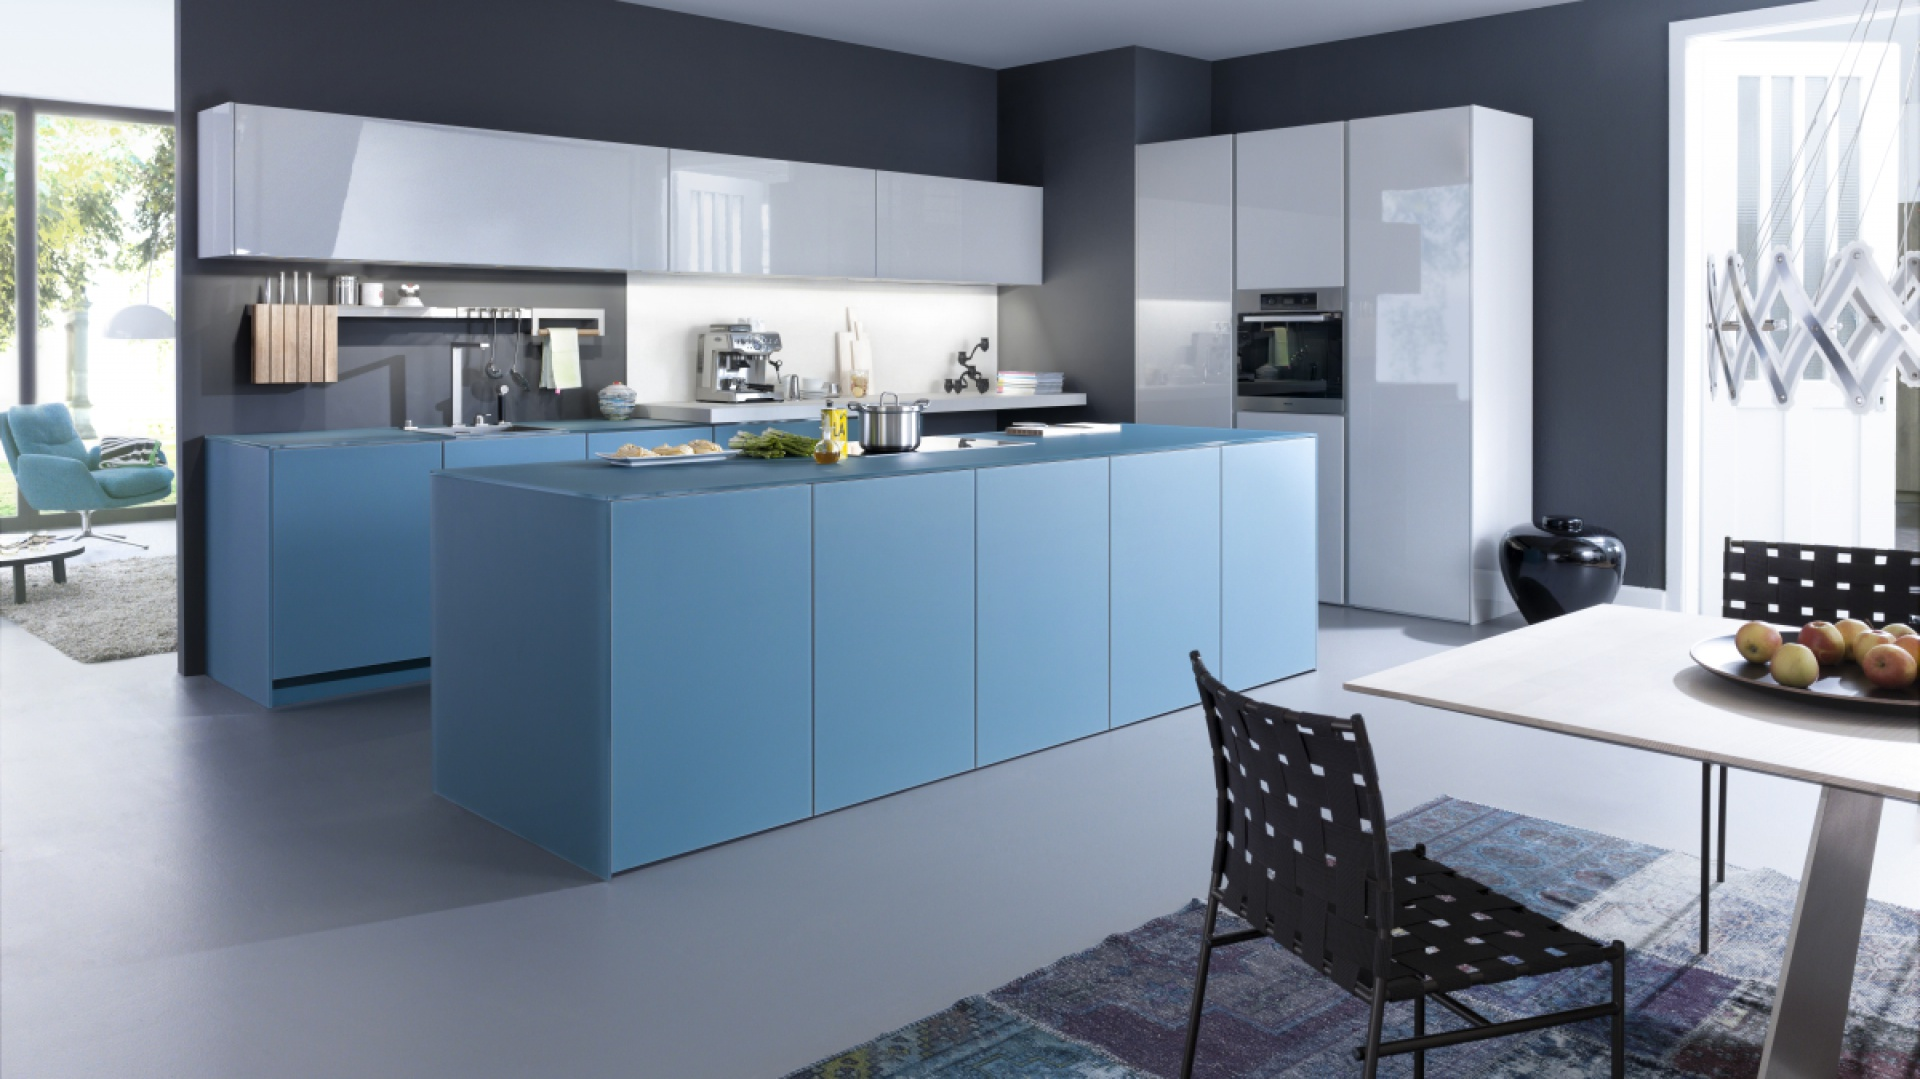 Kolorowa kuchnia, w której śnieżną biel w połysku połączono z błękitem w macie. Miks barw i faktur stworzył ciekawy duet. Fot. Leicht, meble Largo-FG   IOS-M